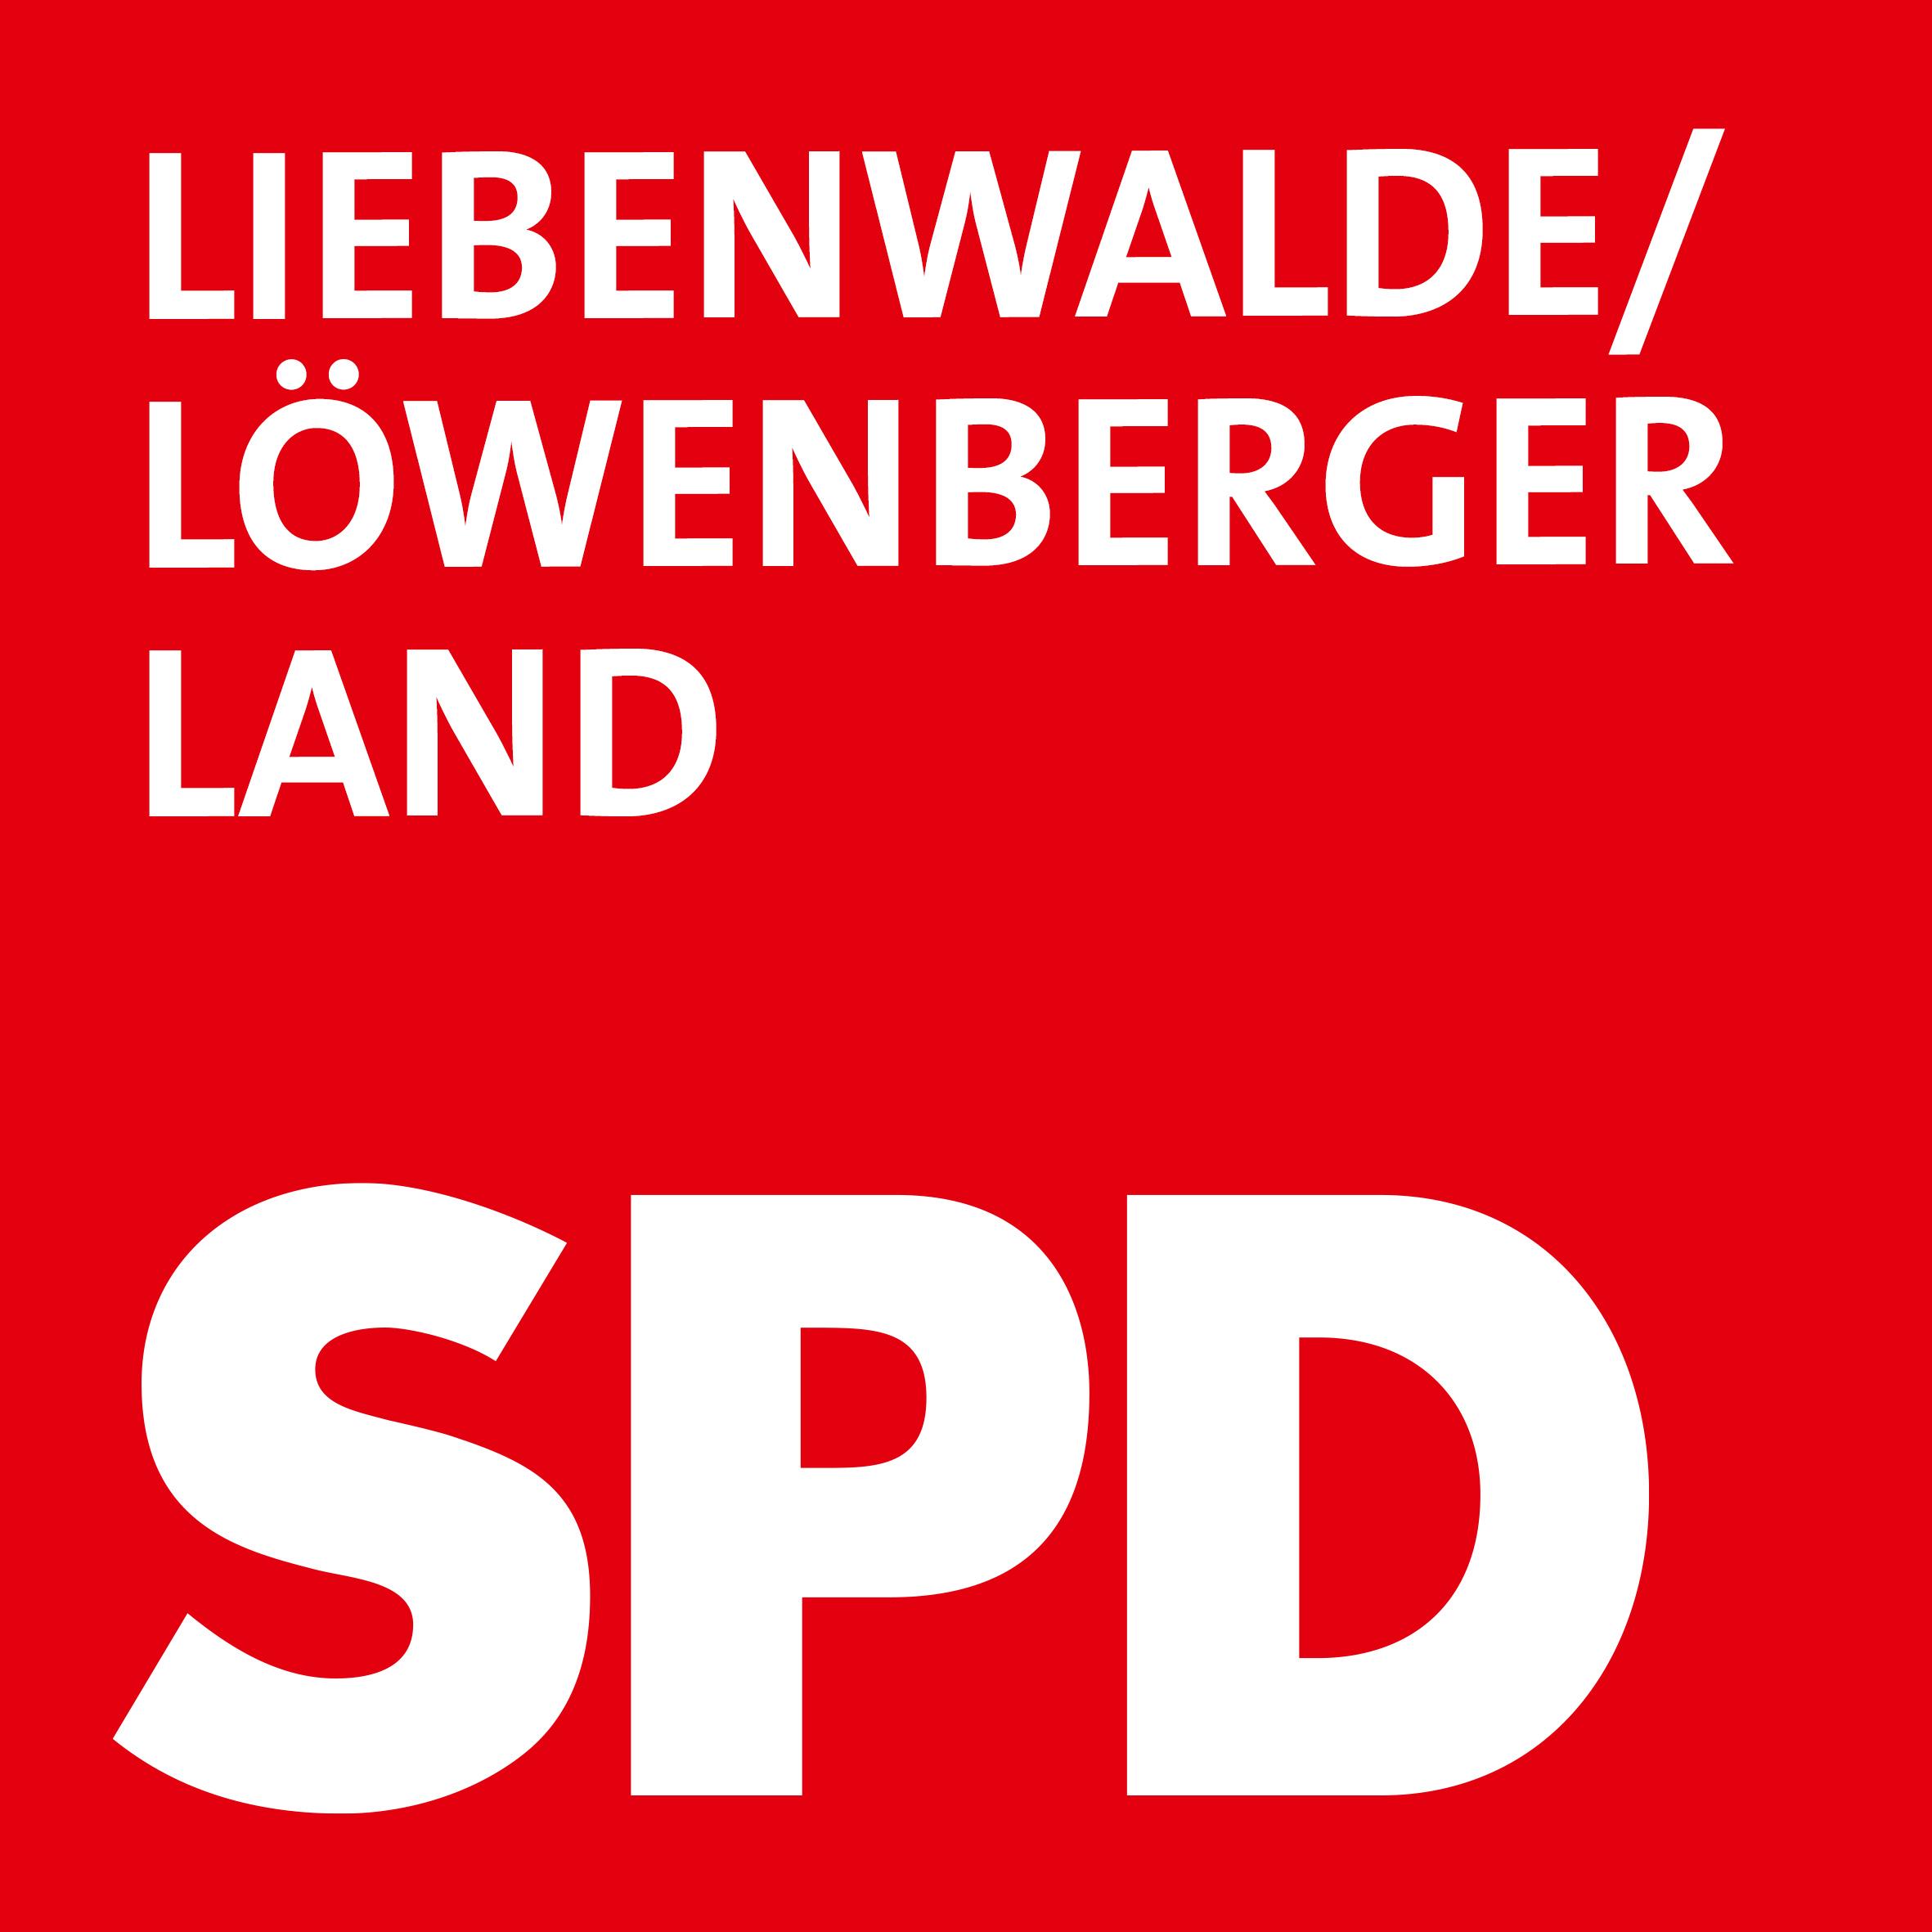 SPD Liebenwalde/Löwenberger Land